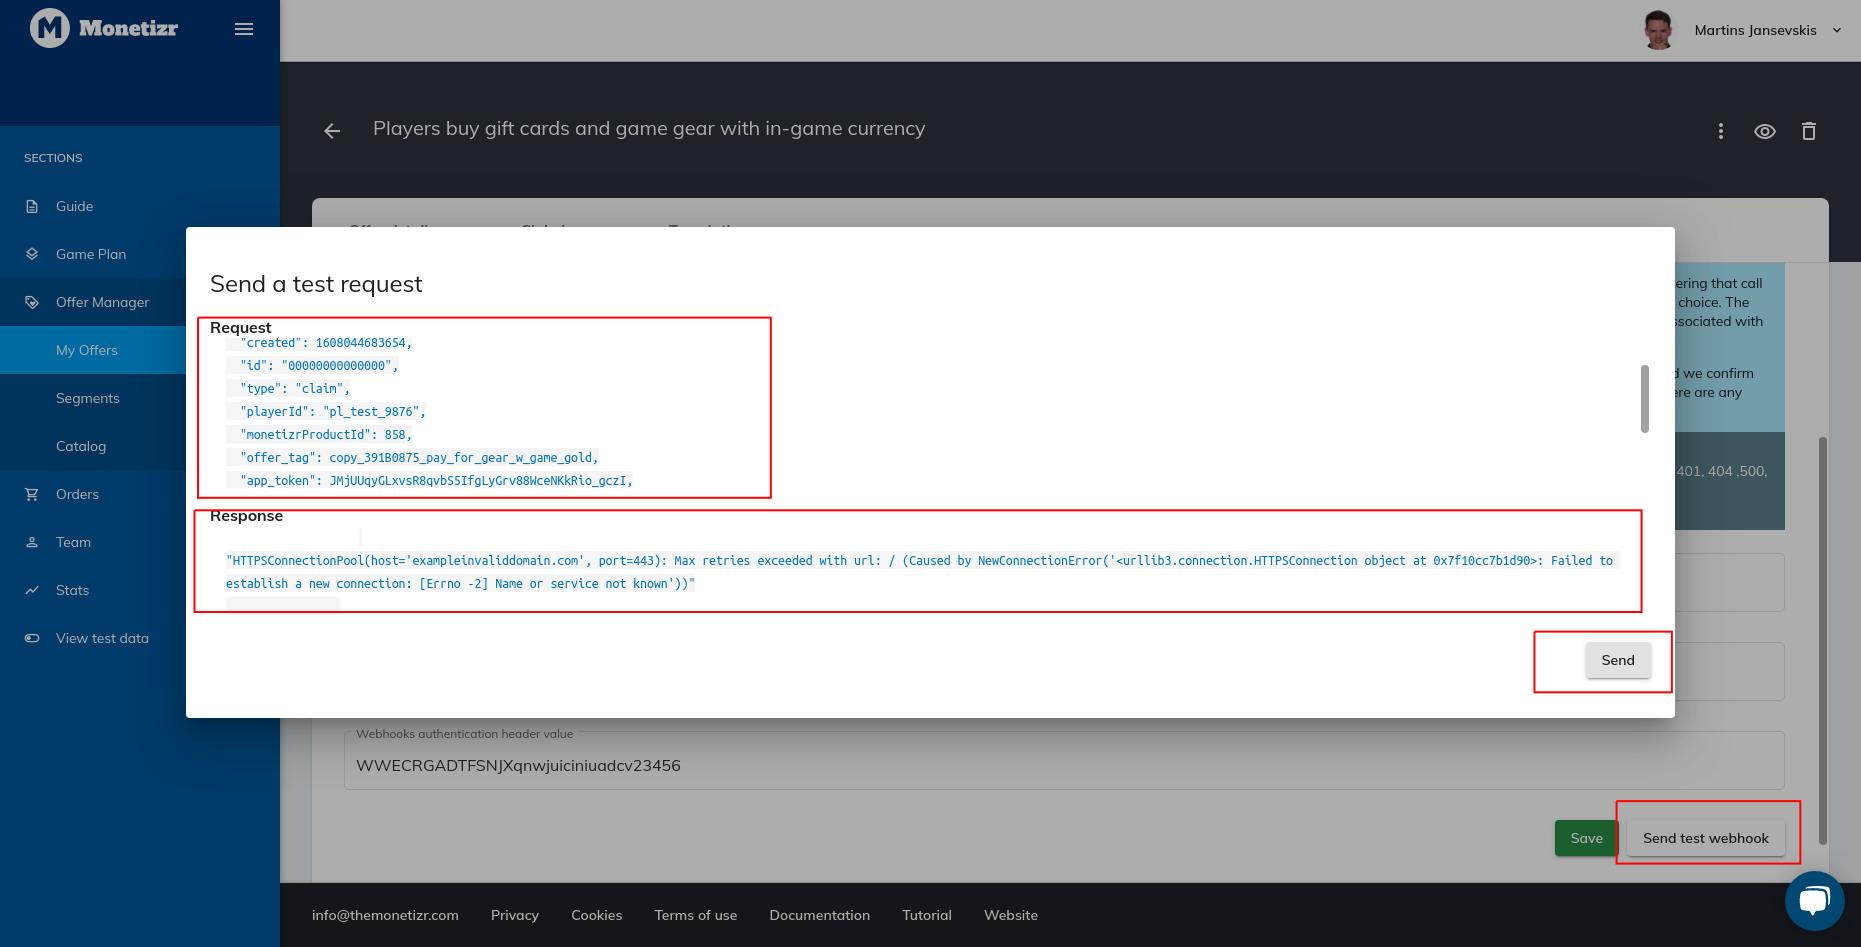 Sending a test webhook request